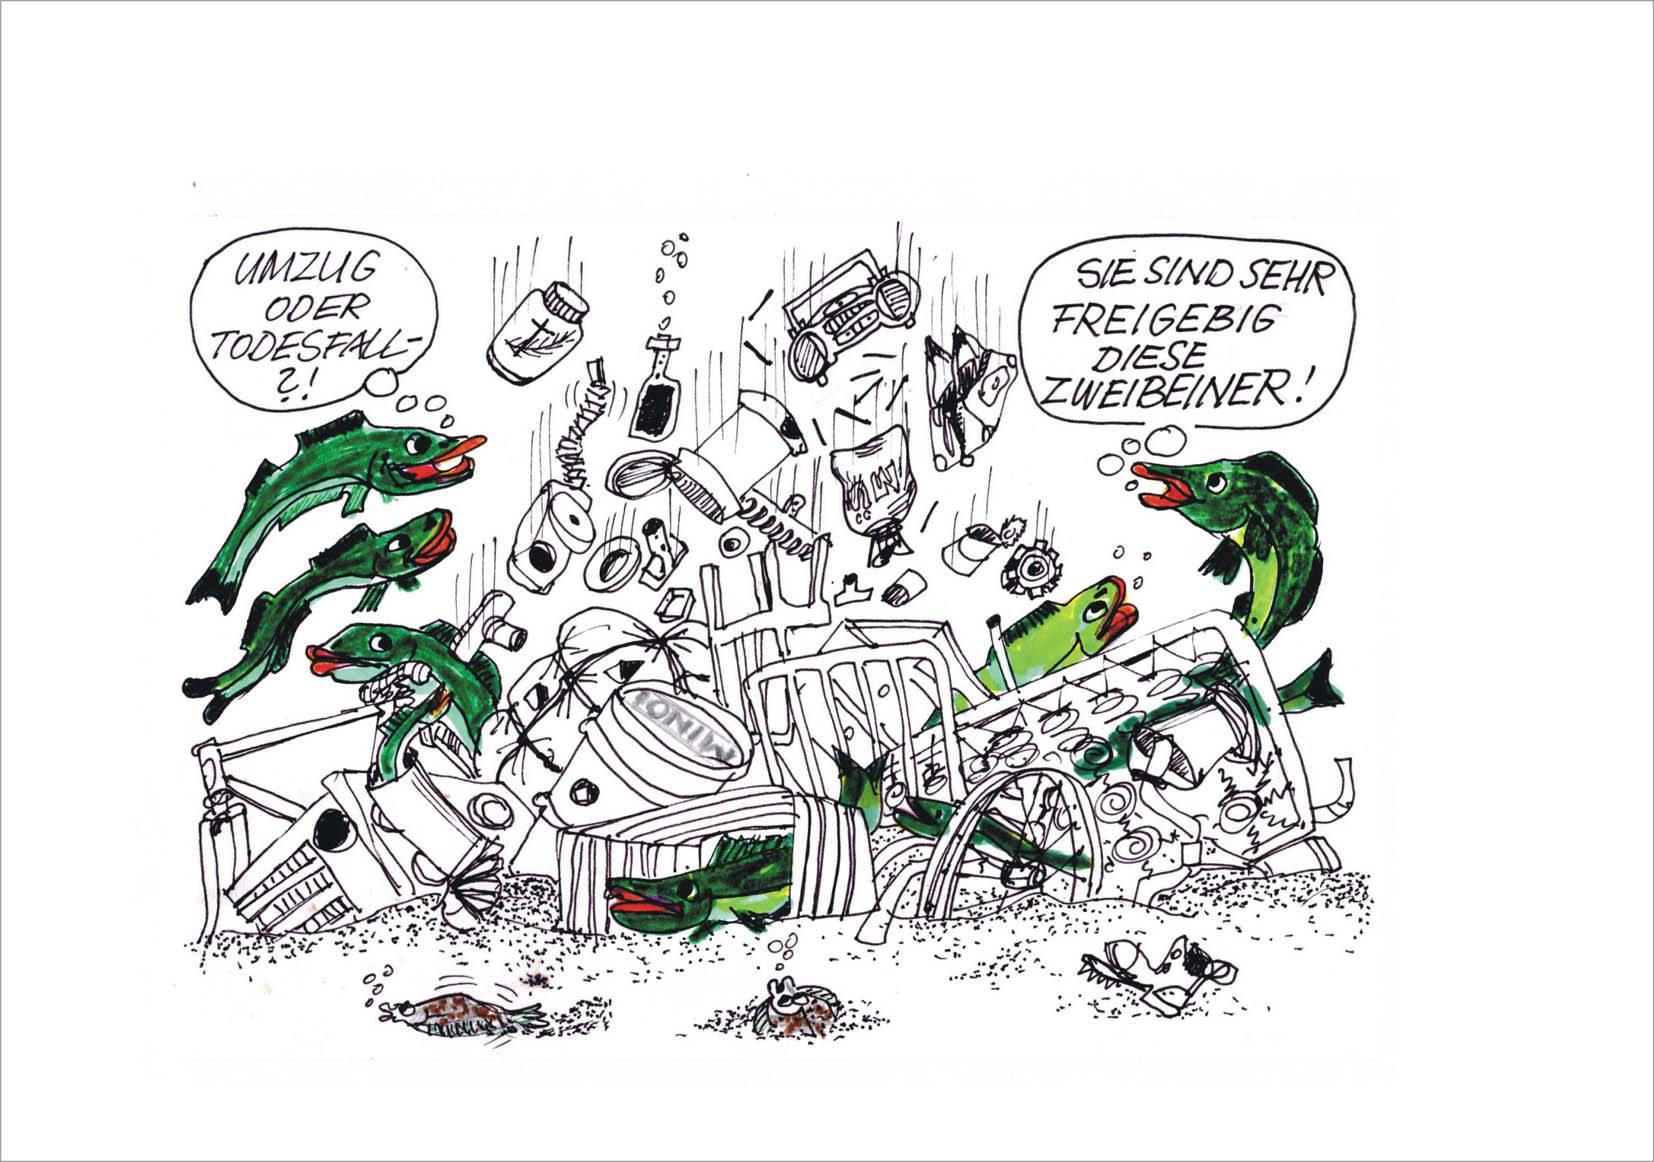 Humor Galerie Im Logis Illustrative Darstellungen Zur